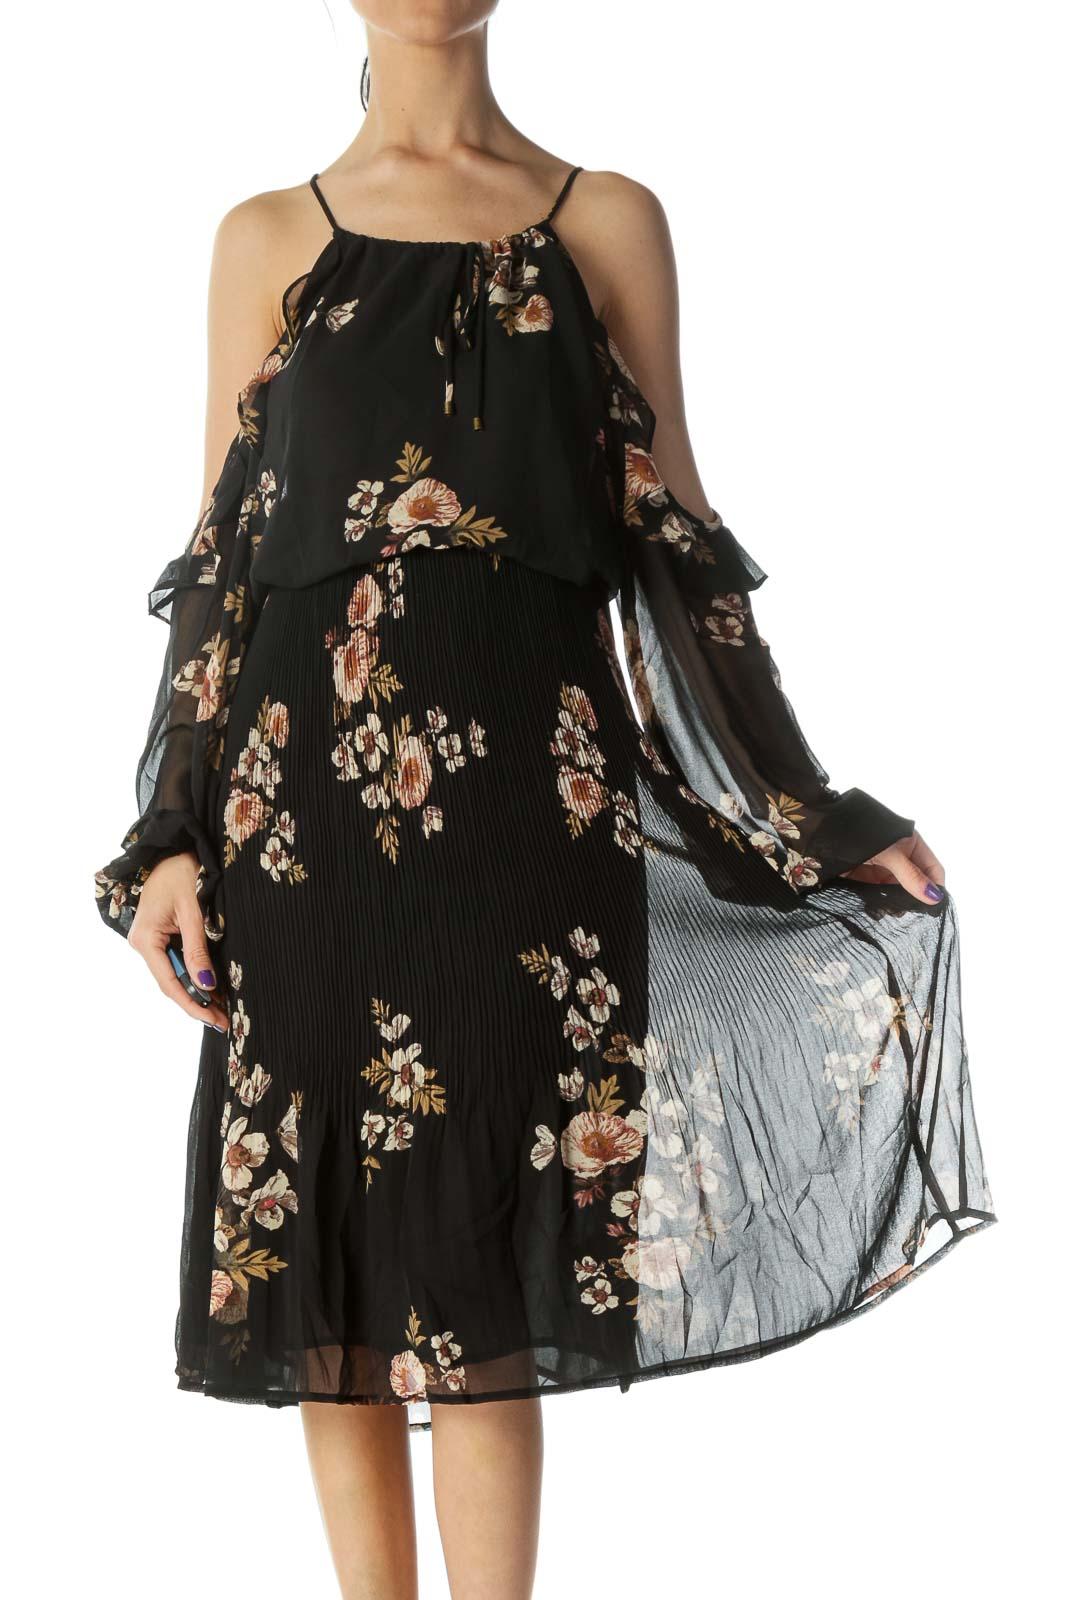 Black Floral Print Cold Shoulder Day Dress Front